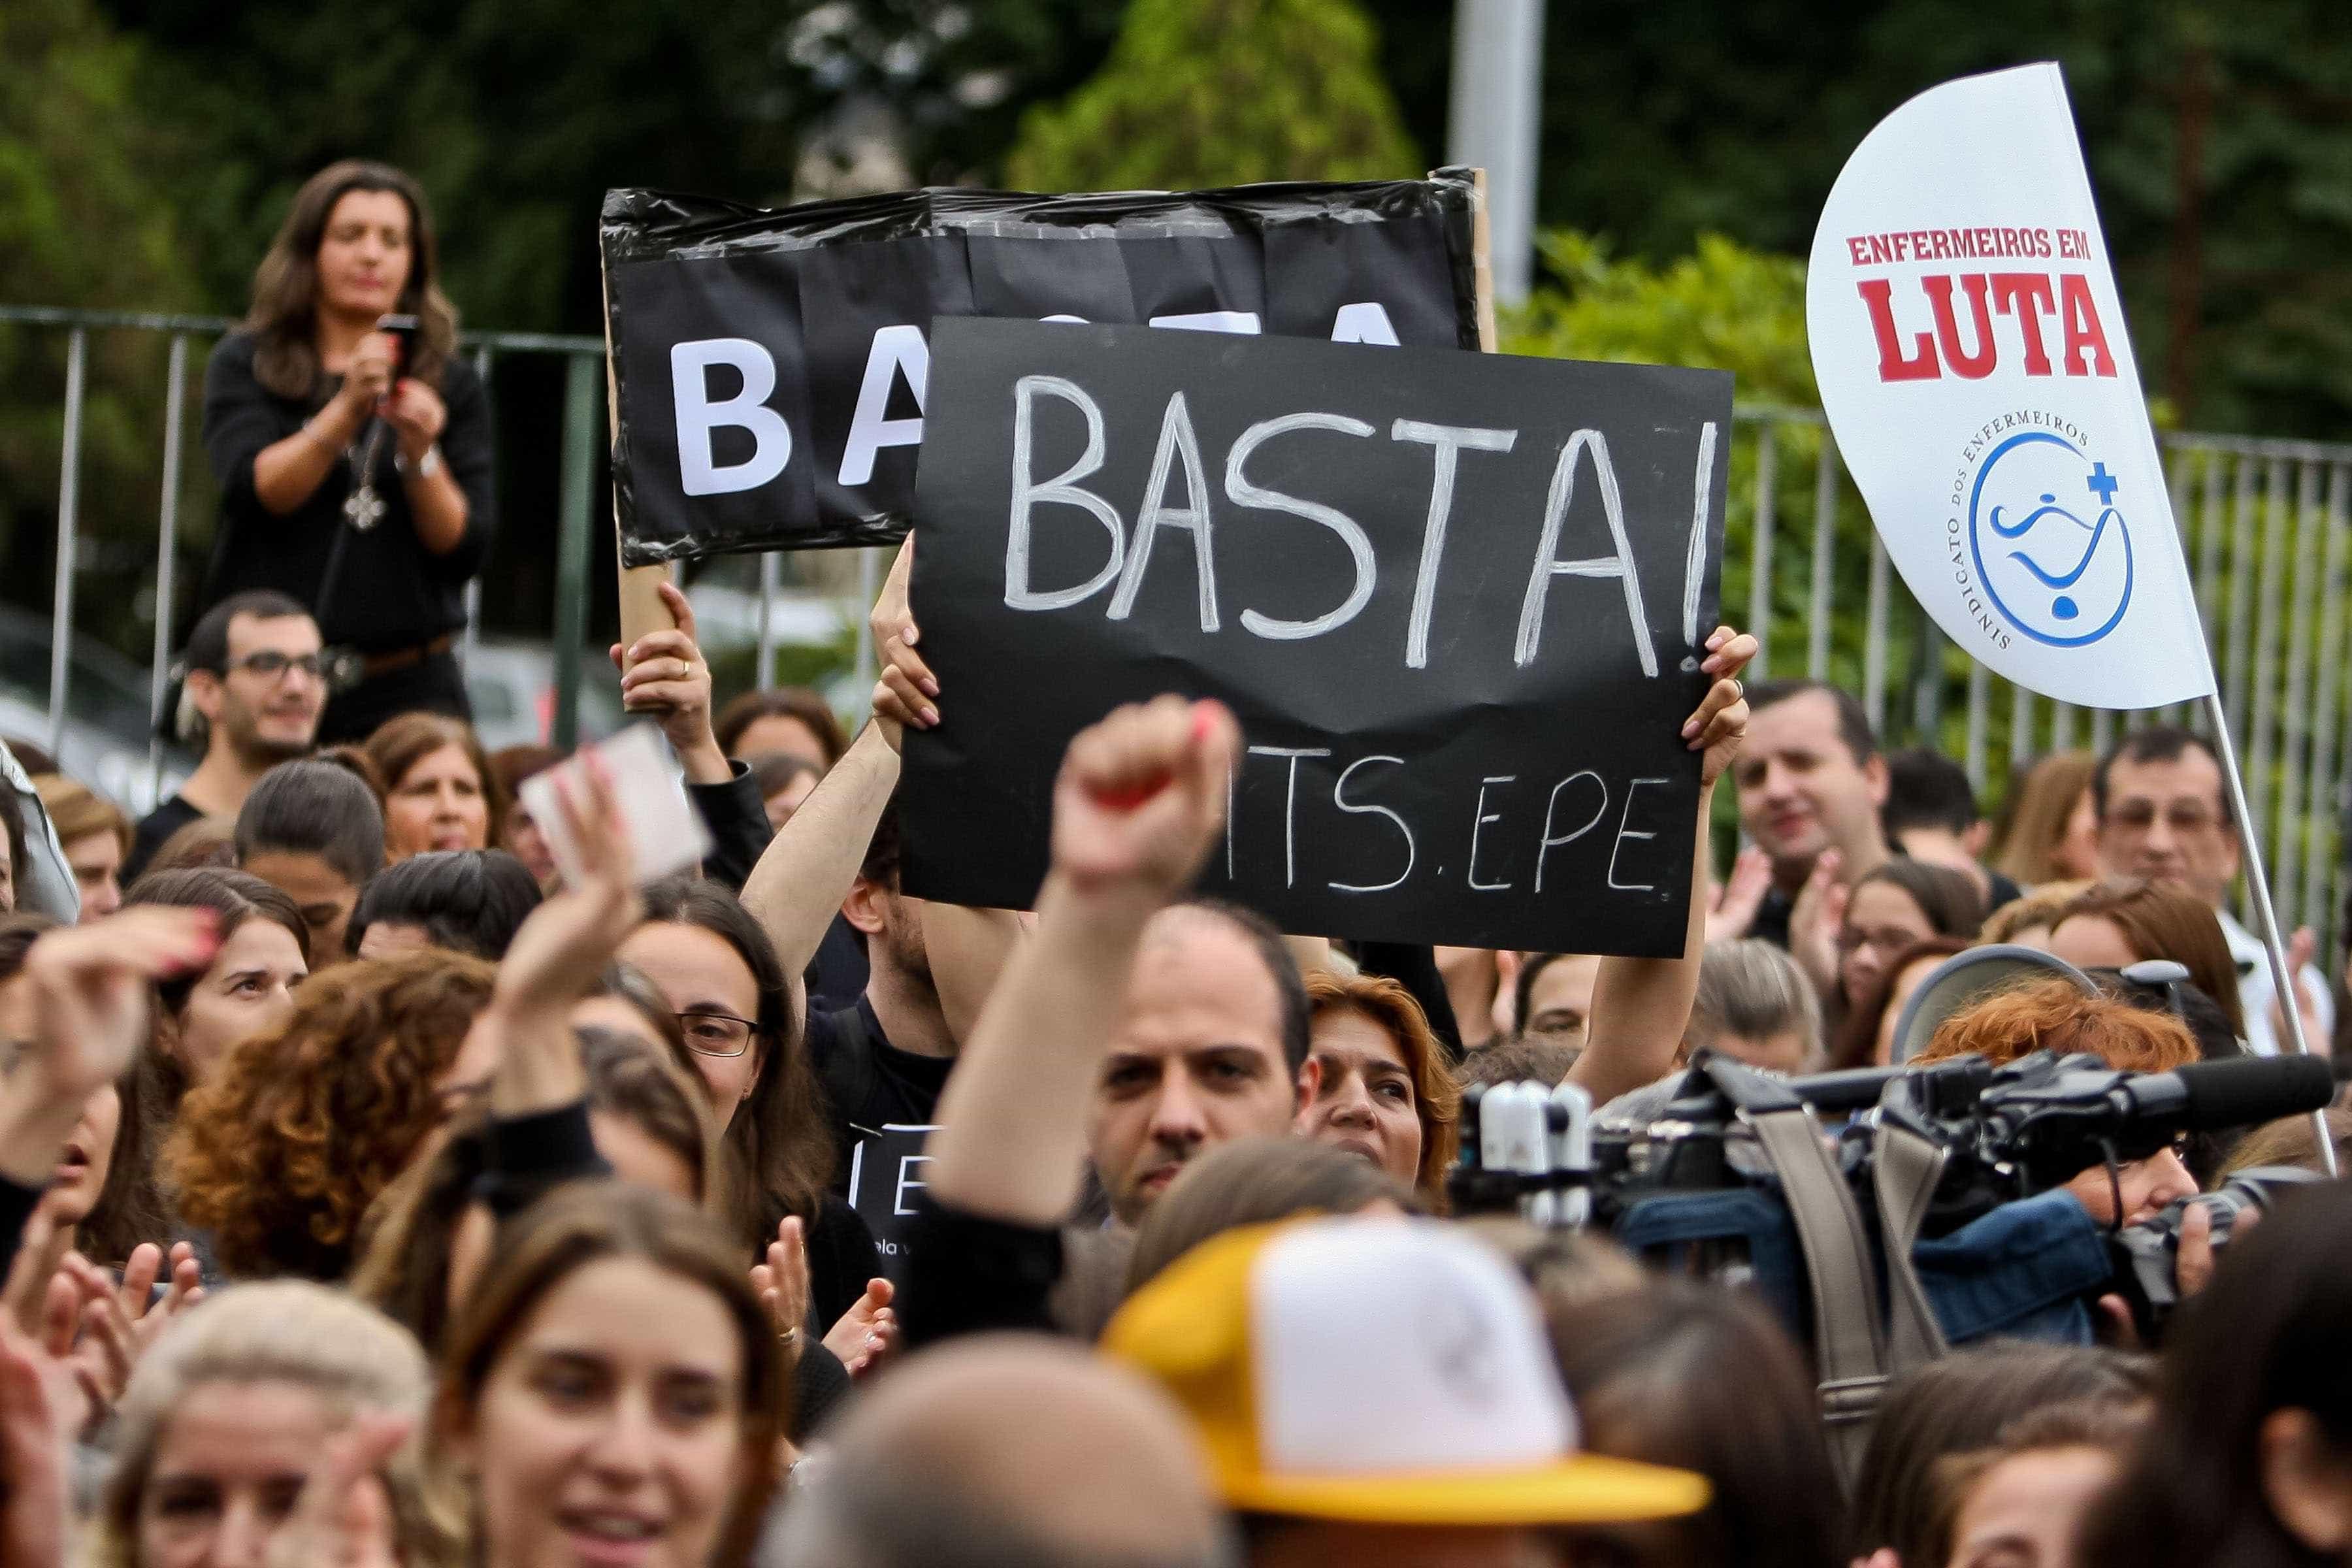 Enfermeiros: Sindicato pede que tribunal rejeite requisição civil em 48h